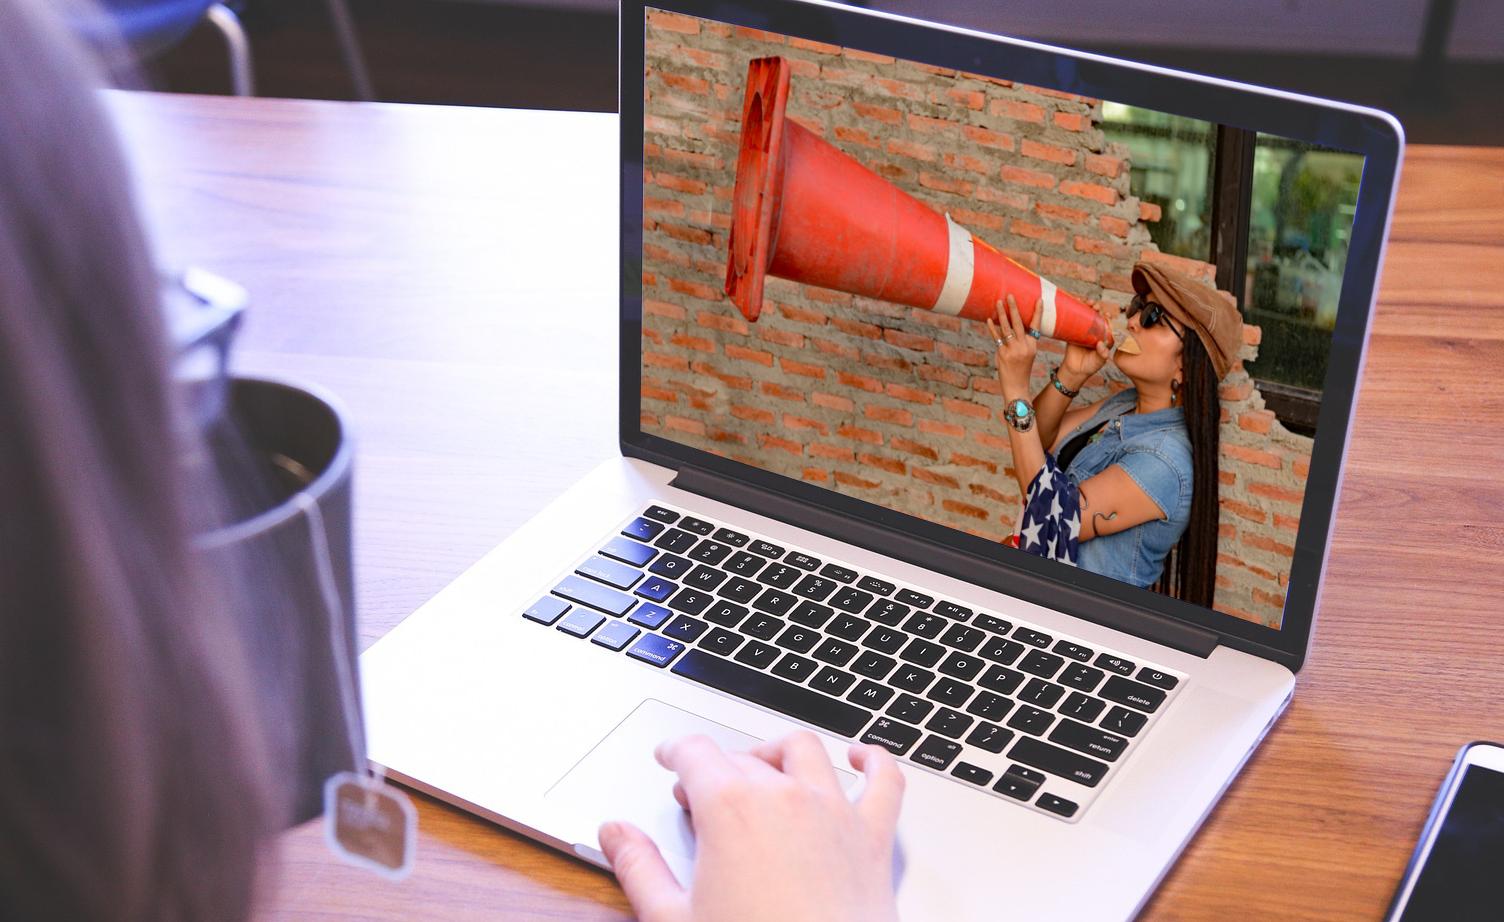 Frau mit Sprachrohr auf Laptopbildschrim als Symbol für Webinar Innovationskommunikation - TOM SPIKE